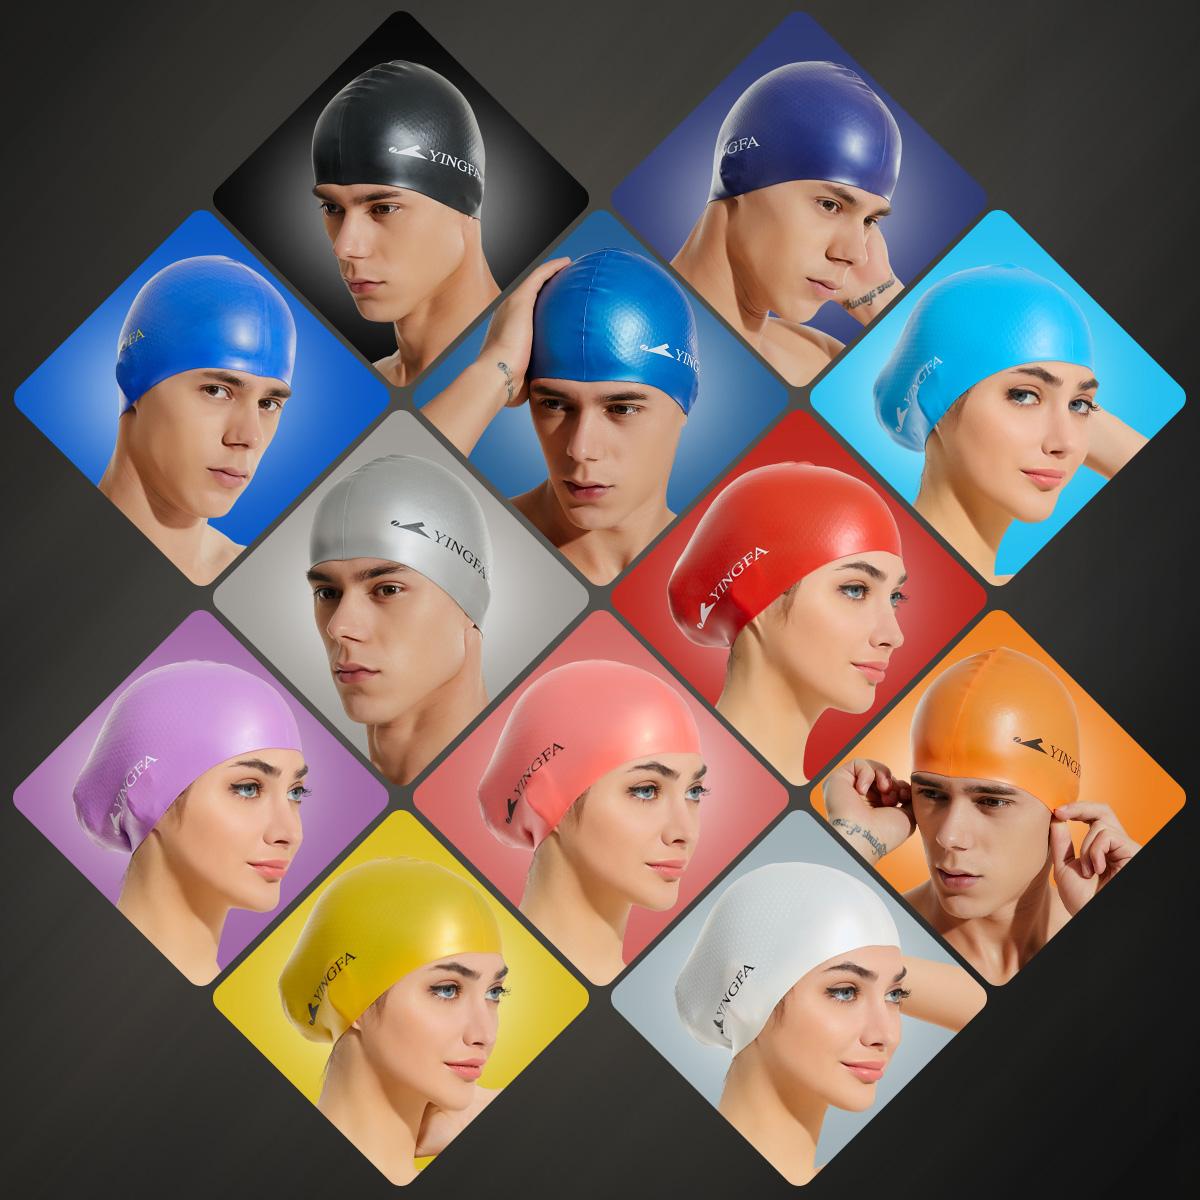 英發矽膠泳帽 男女通用專業游泳帽 防滑顆粒不勒頭舒適防水護髮